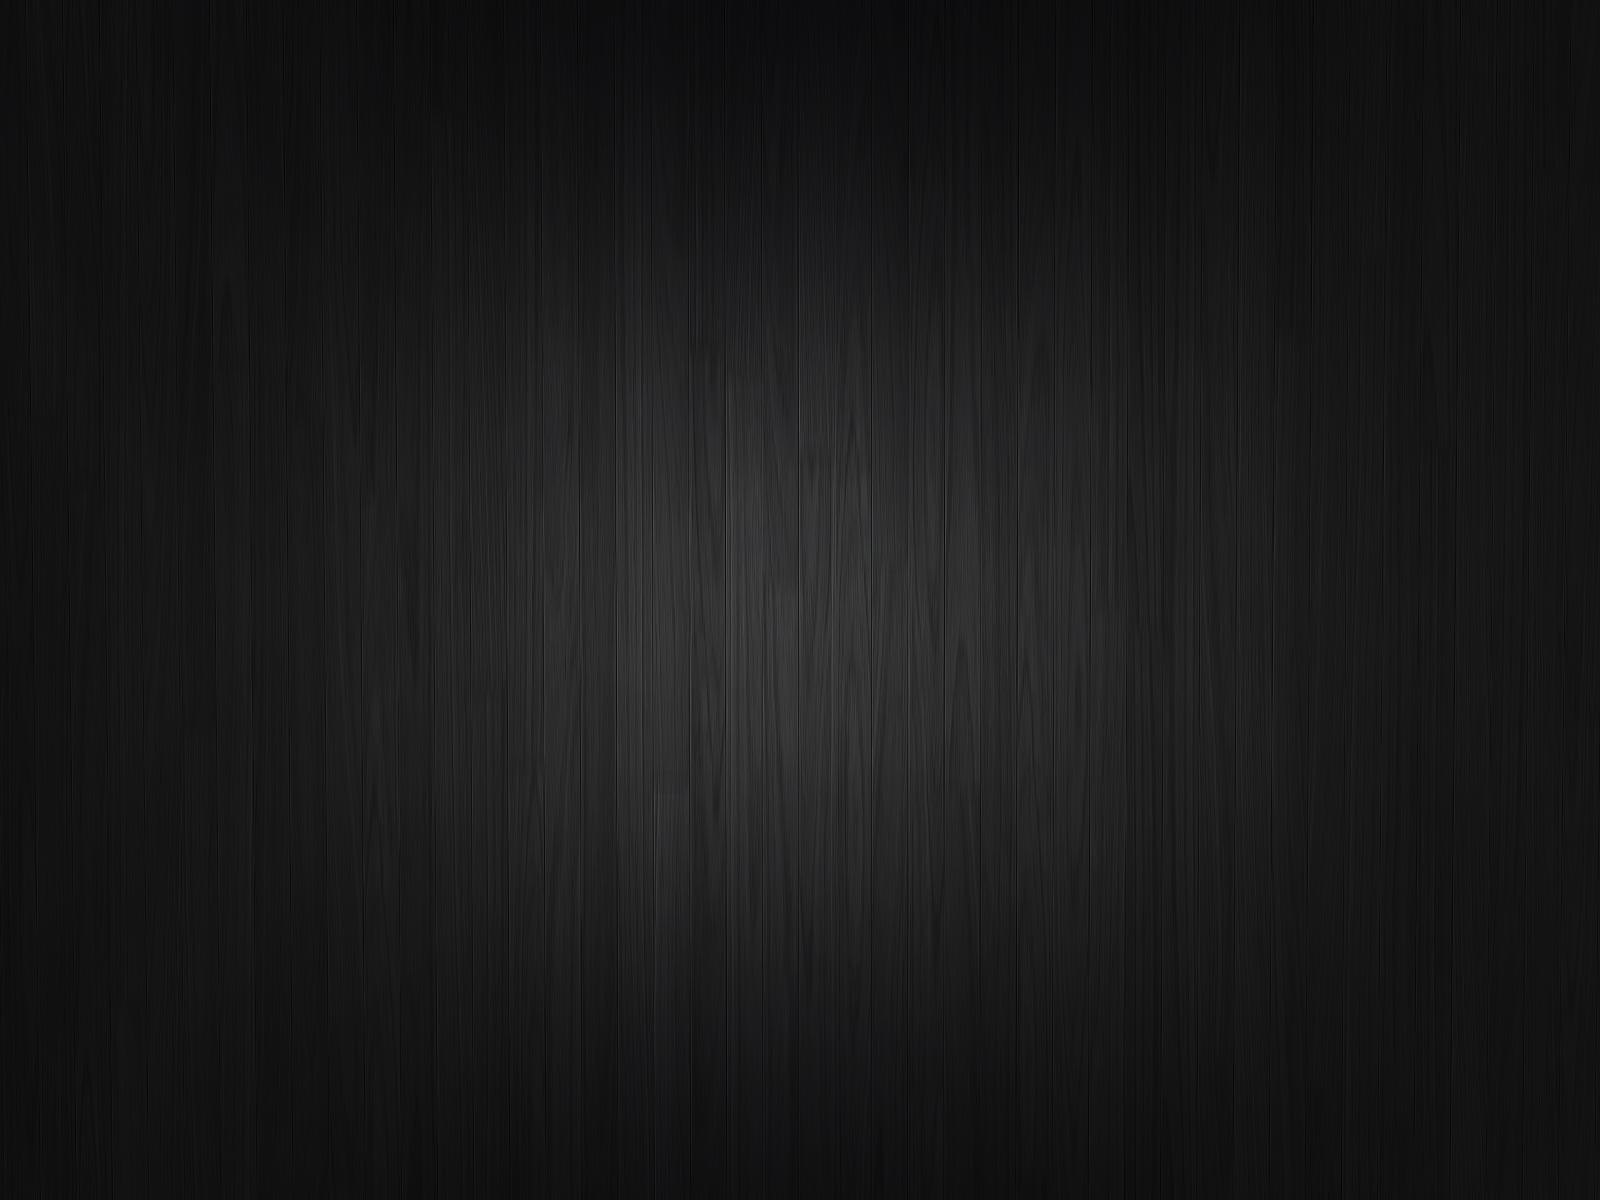 1920x1200 hd wallpaper dark wood - photo #5